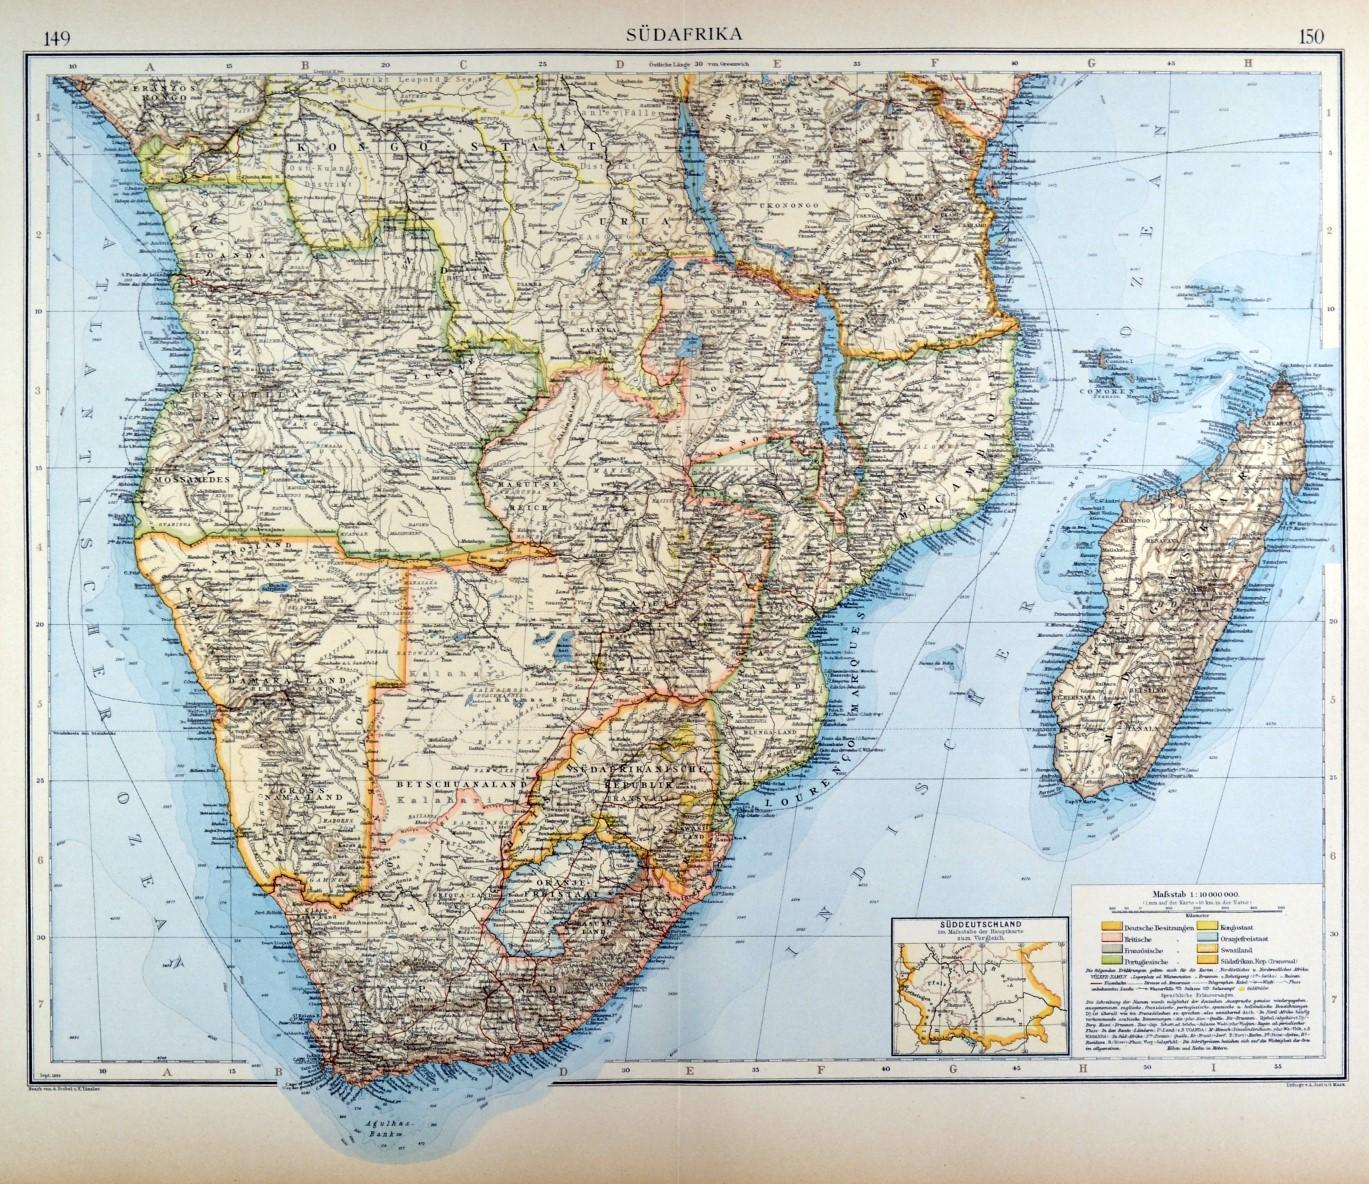 Südafrika Karte.Südafrika Karte